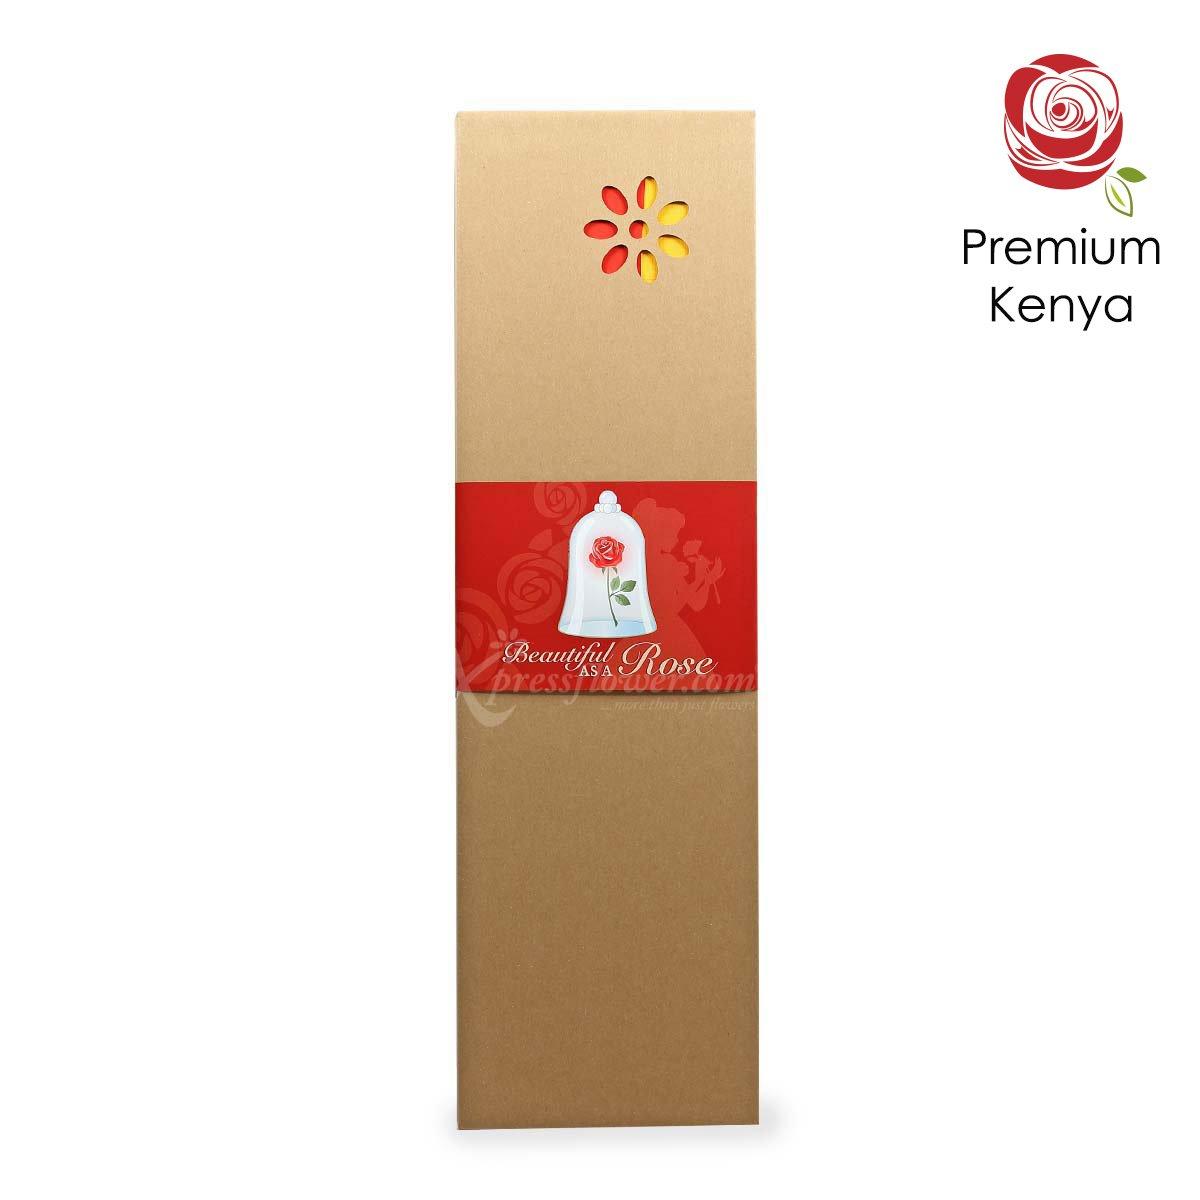 dsbx1903-forbidden-amour-disney-box39703ea9350a62b6a920ff0000e4902b